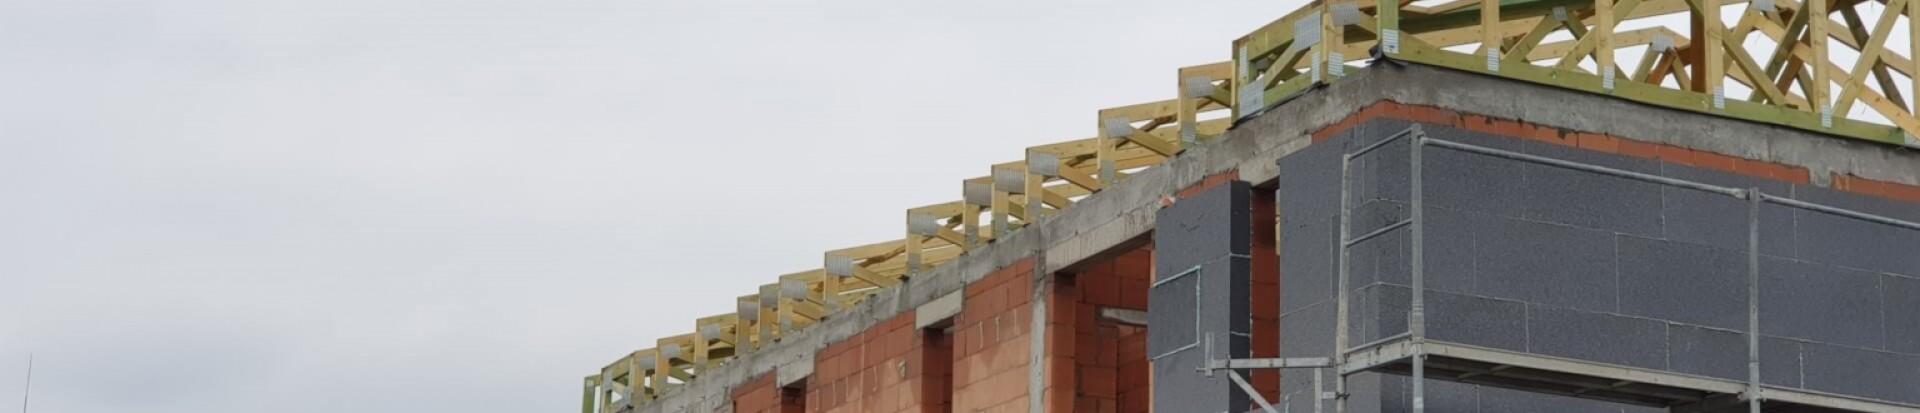 Konstrukcja dachów budynków w miejsc. Ksawerów